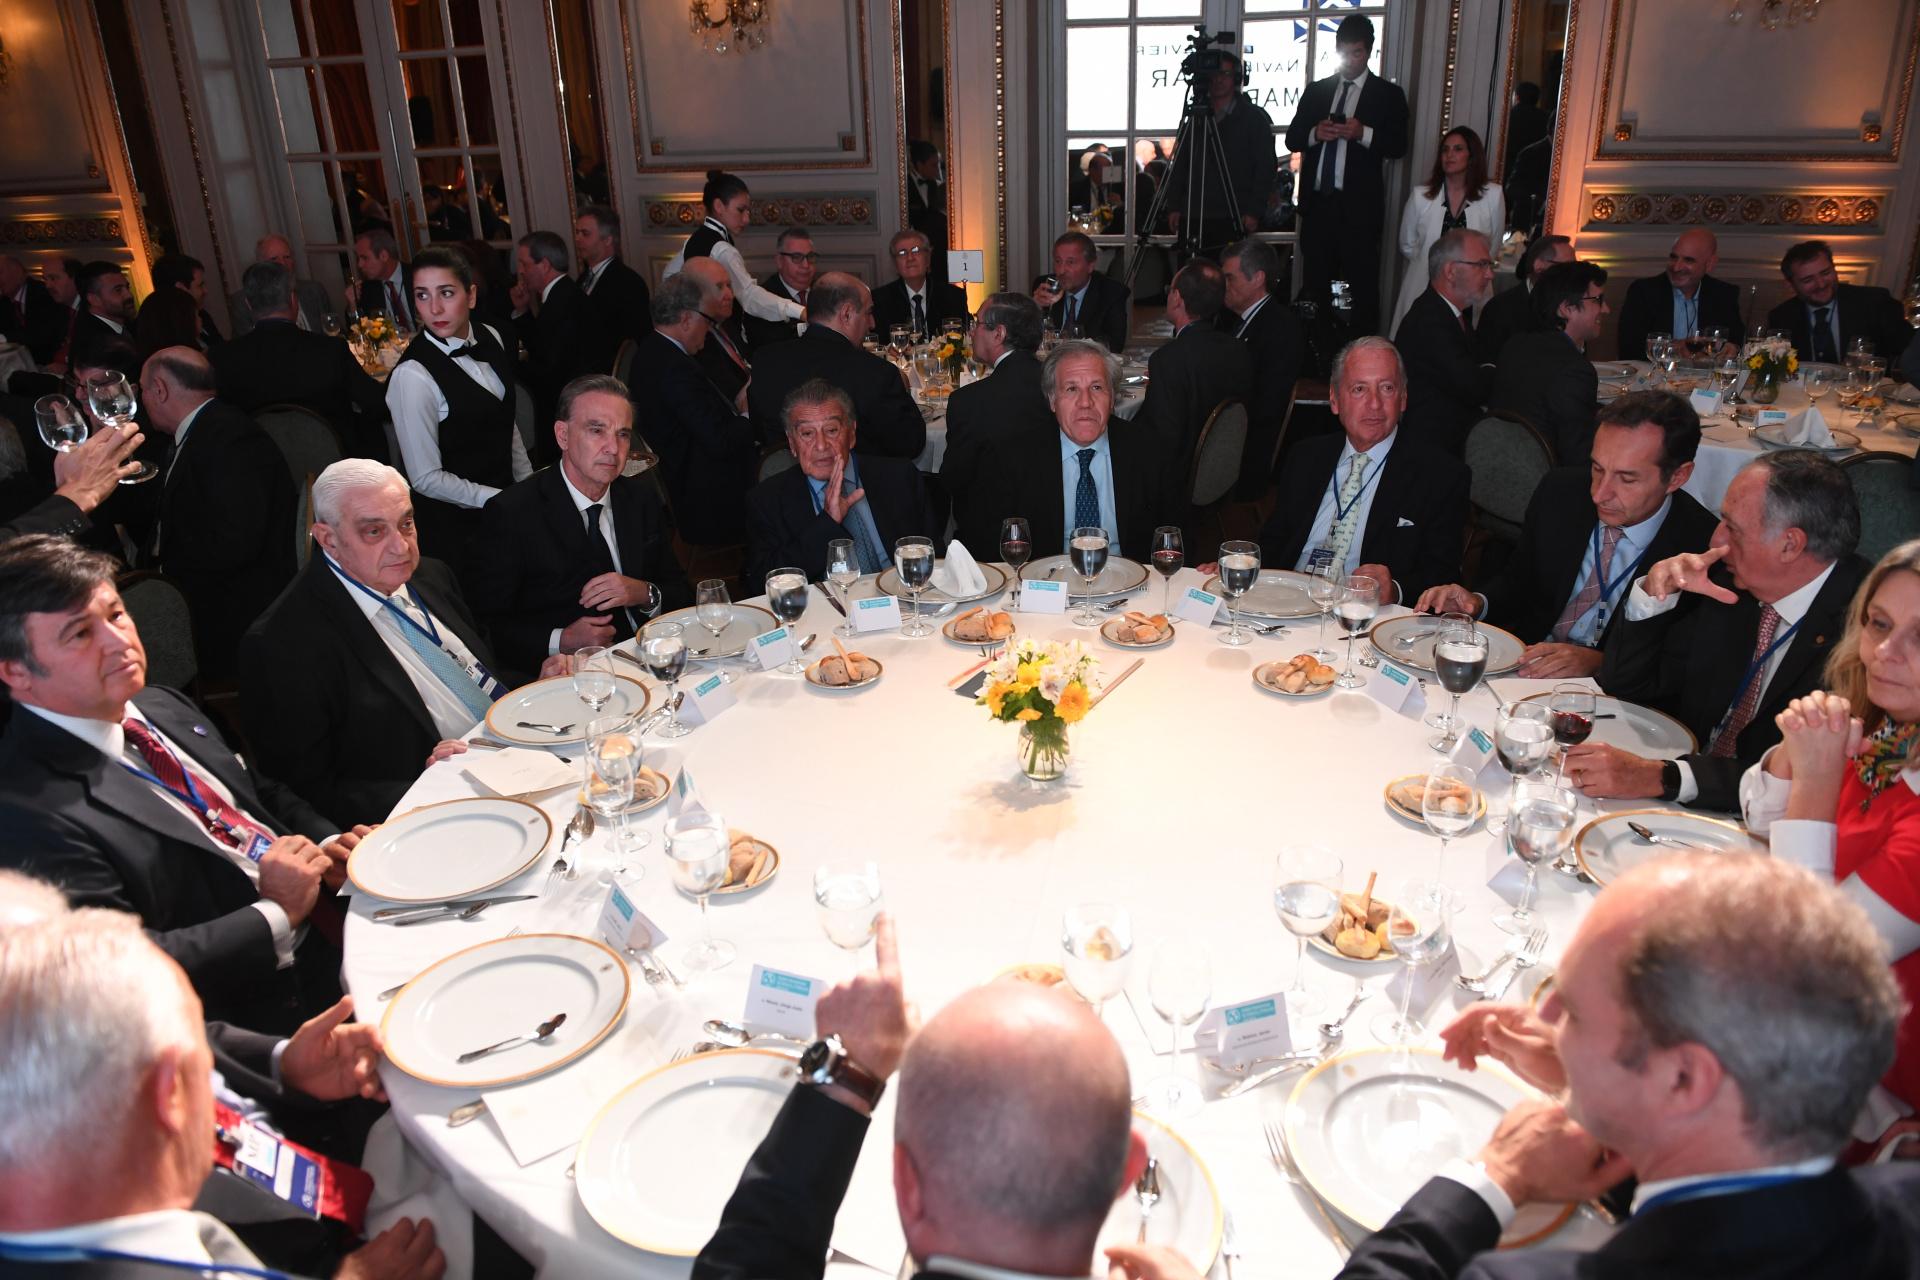 La mesa principal de los miembros del CCyP que recibieron al secretario Almagro